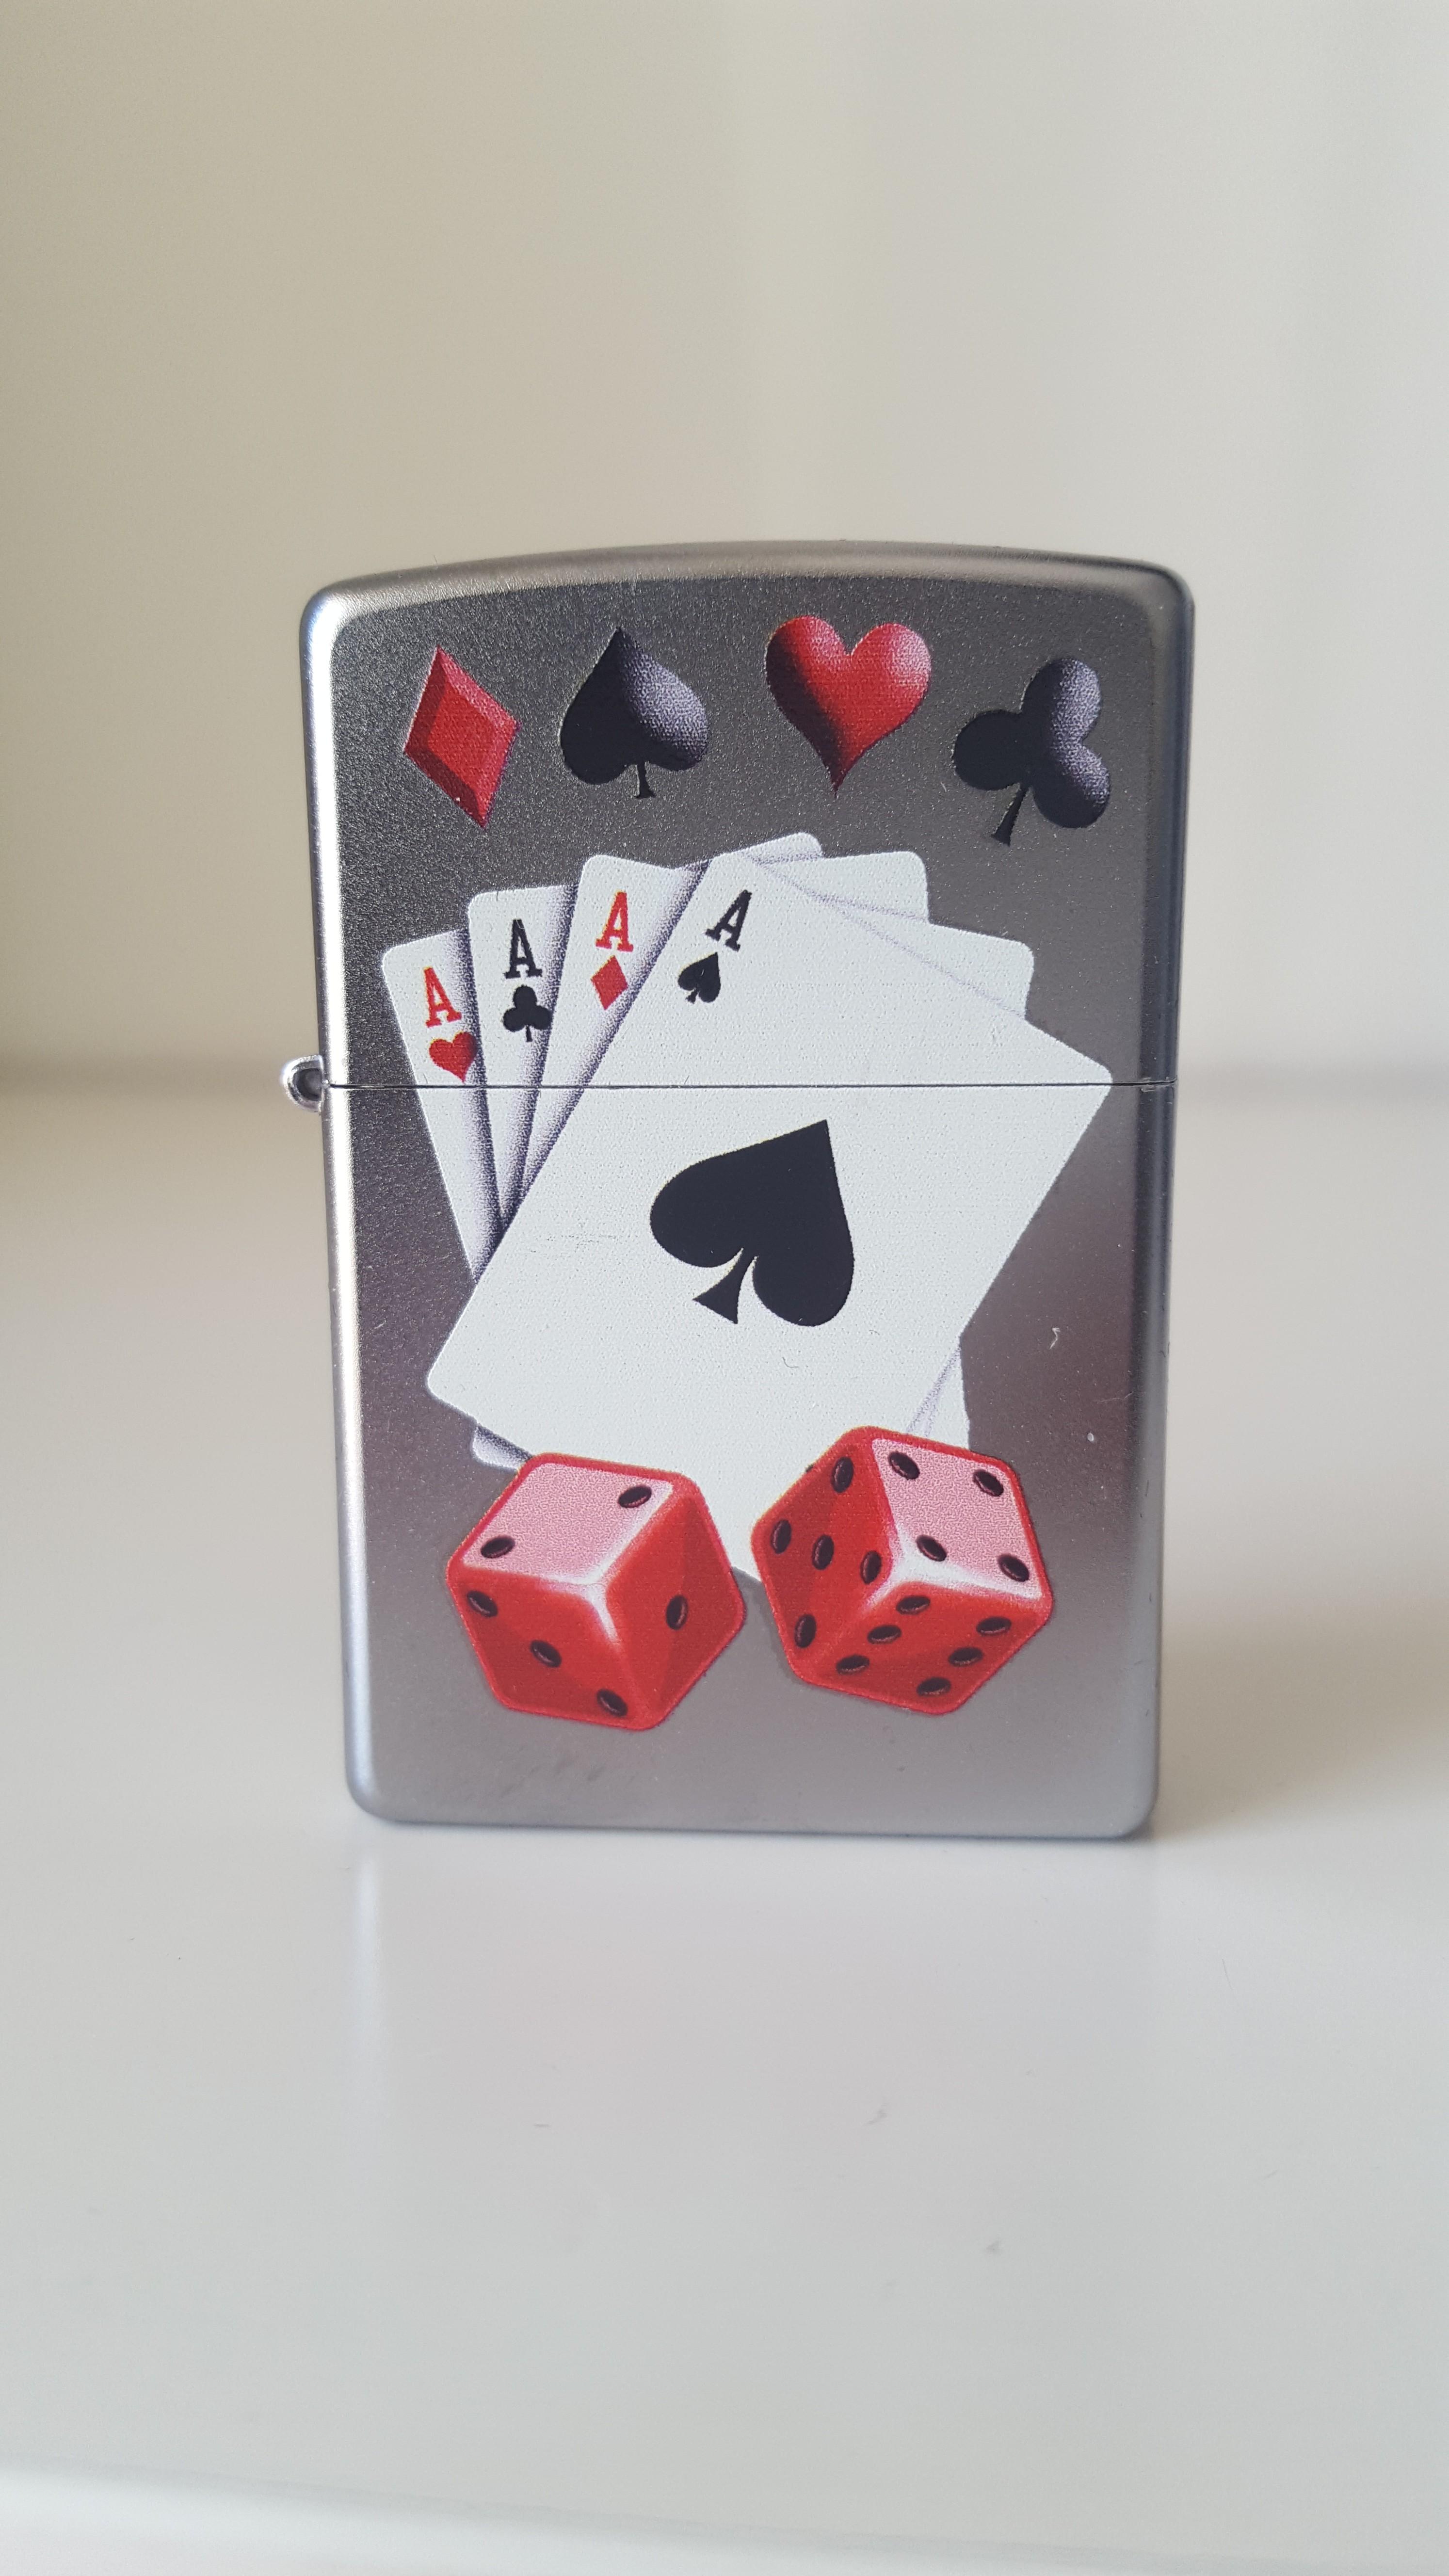 Cards Dice 205 60000582